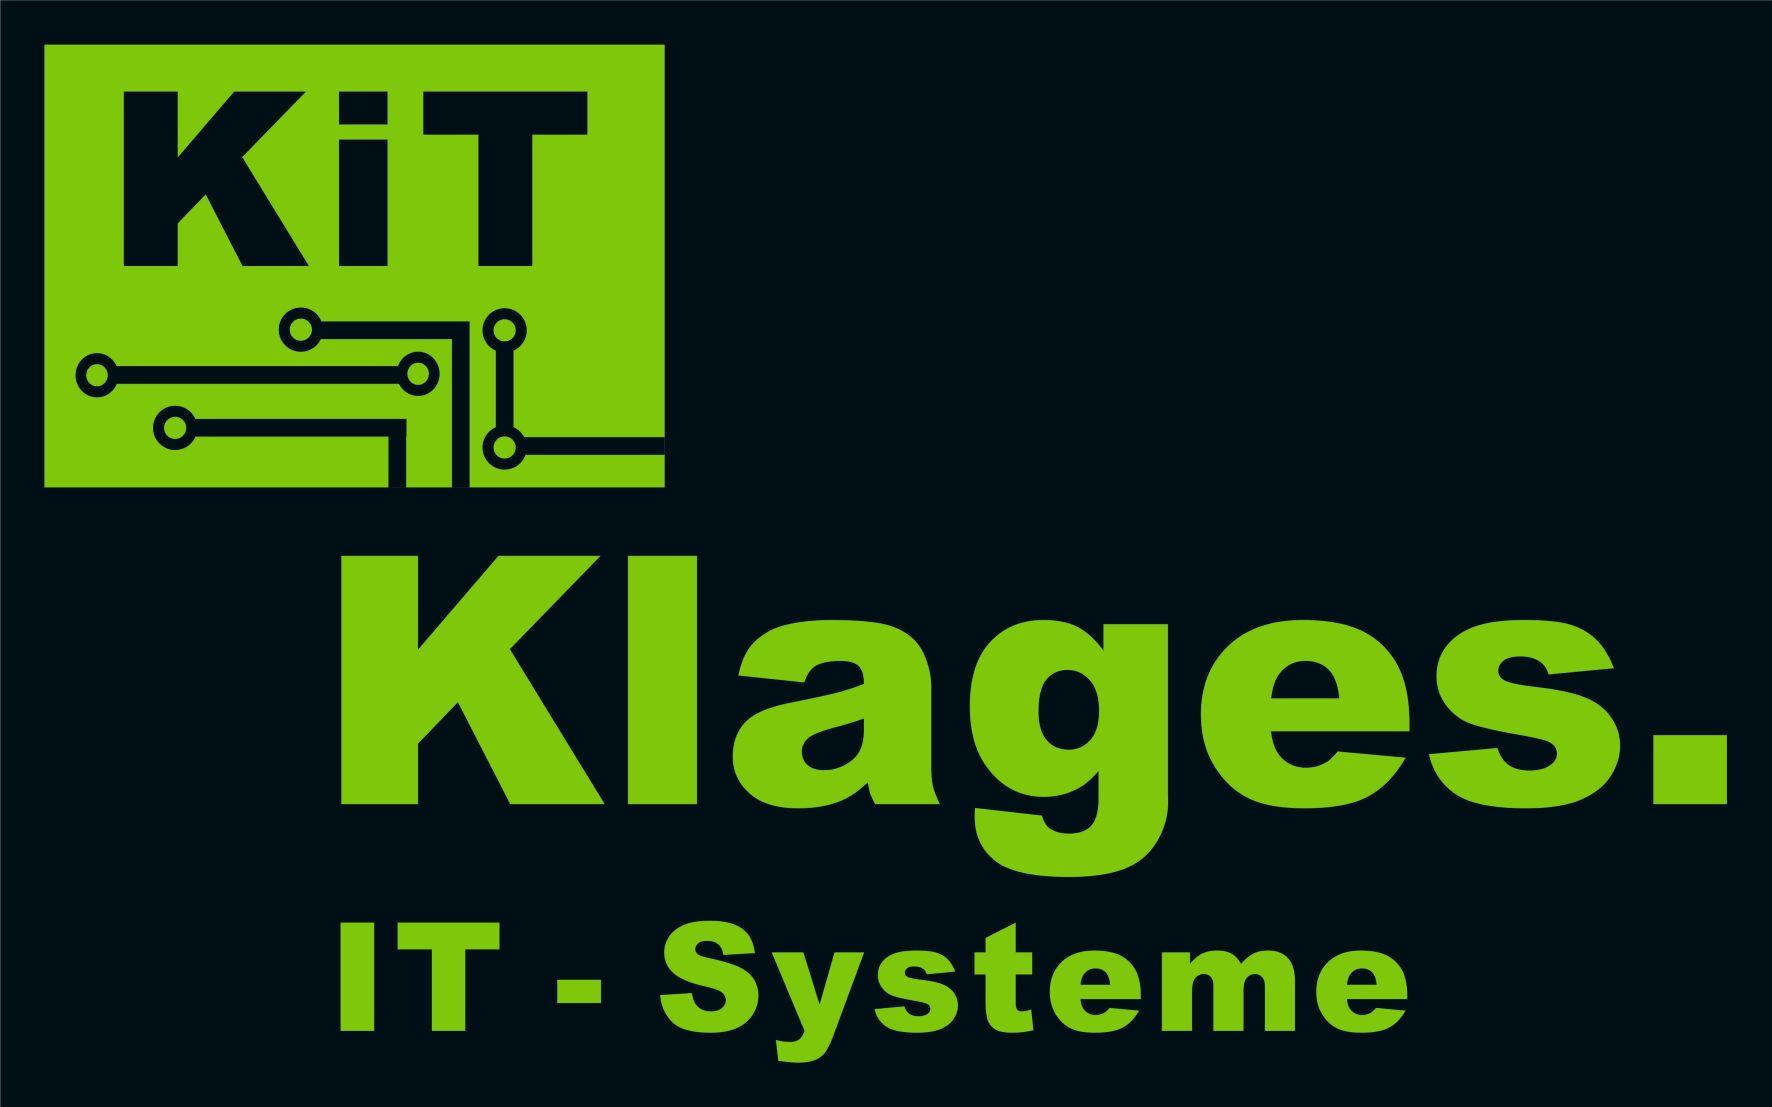 Klages IT-Systeme